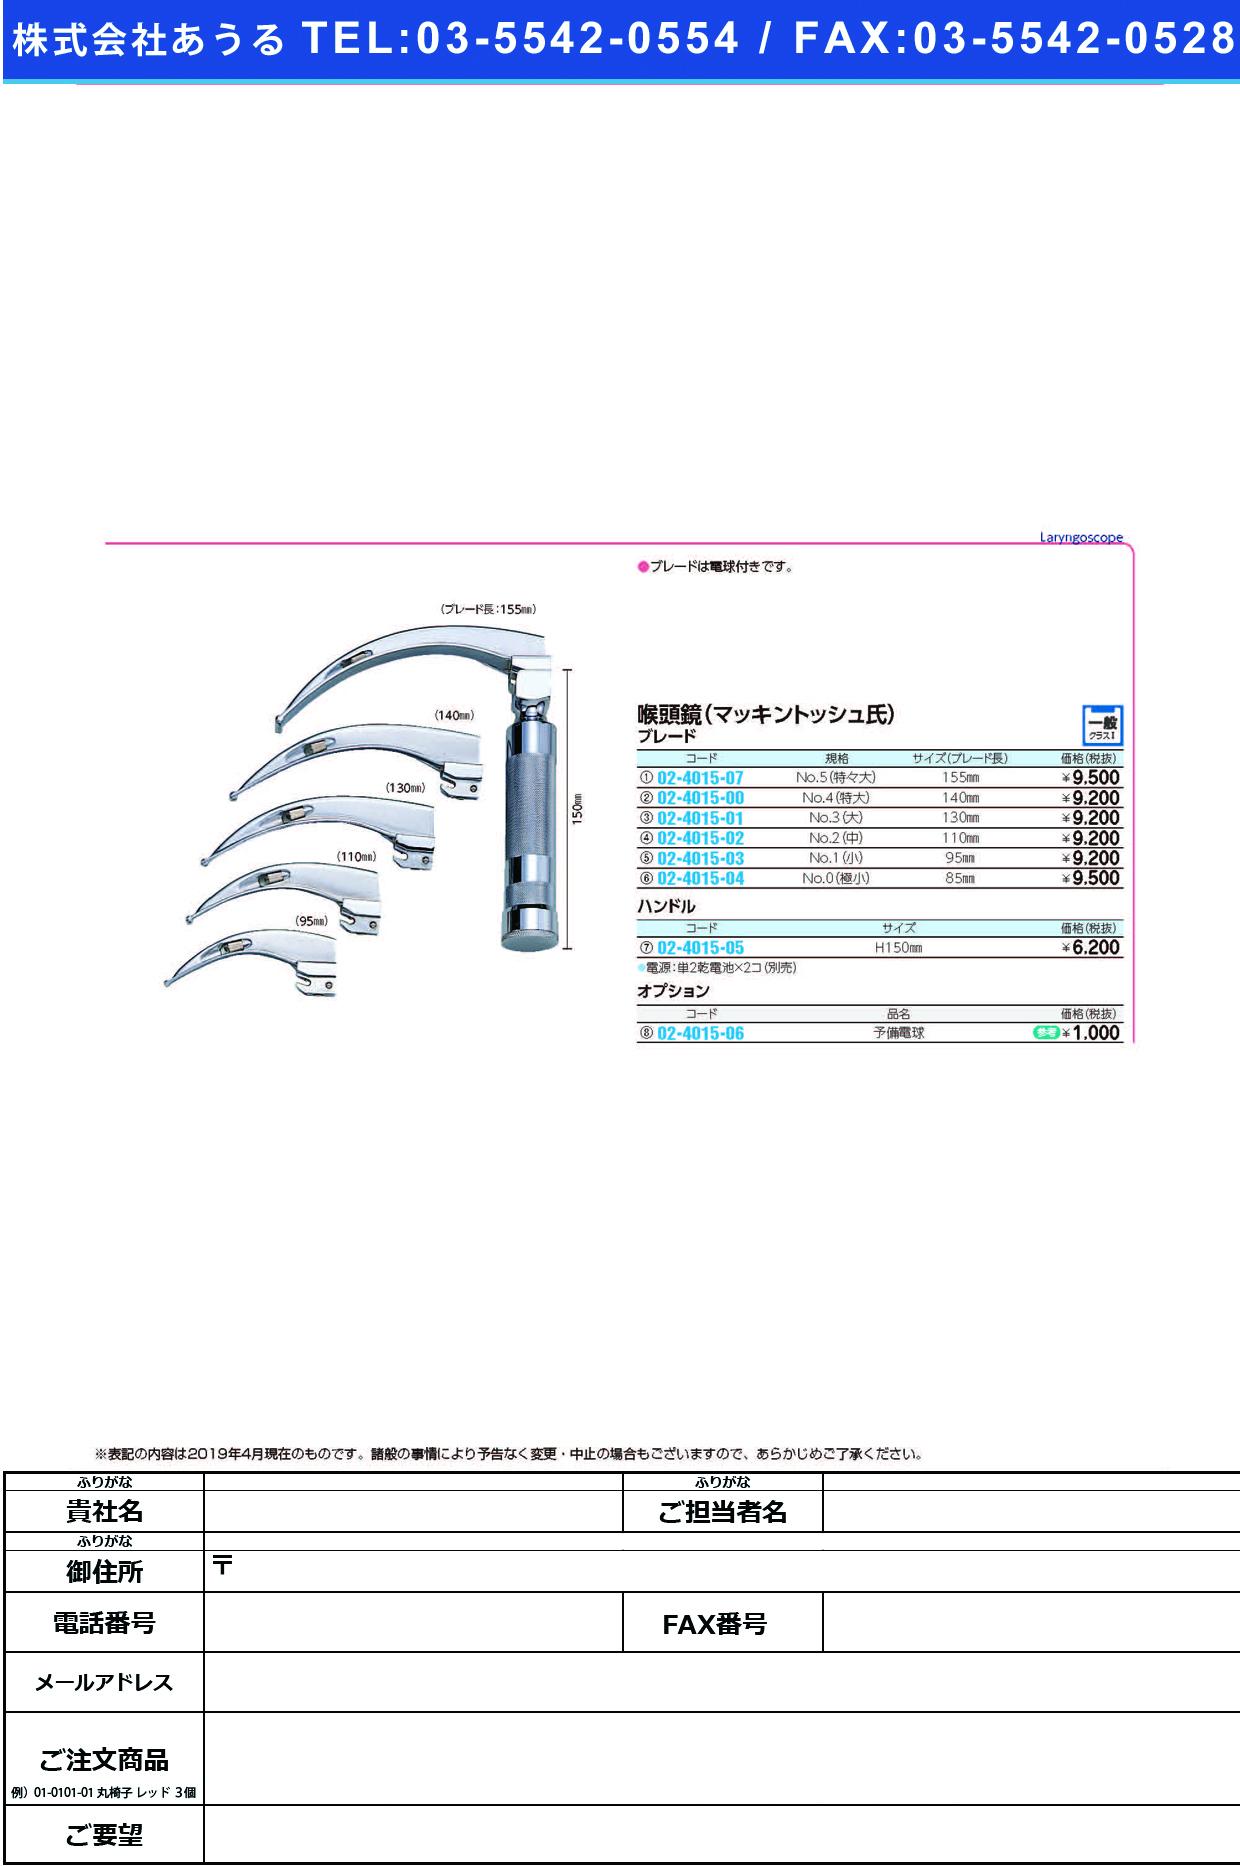 (02-4015-06)喉頭鏡(マッキントッシュ氏)電球 M-1201 コウトウキョウヨウデンキュウノミ【1個単位】【2019年カタログ商品】